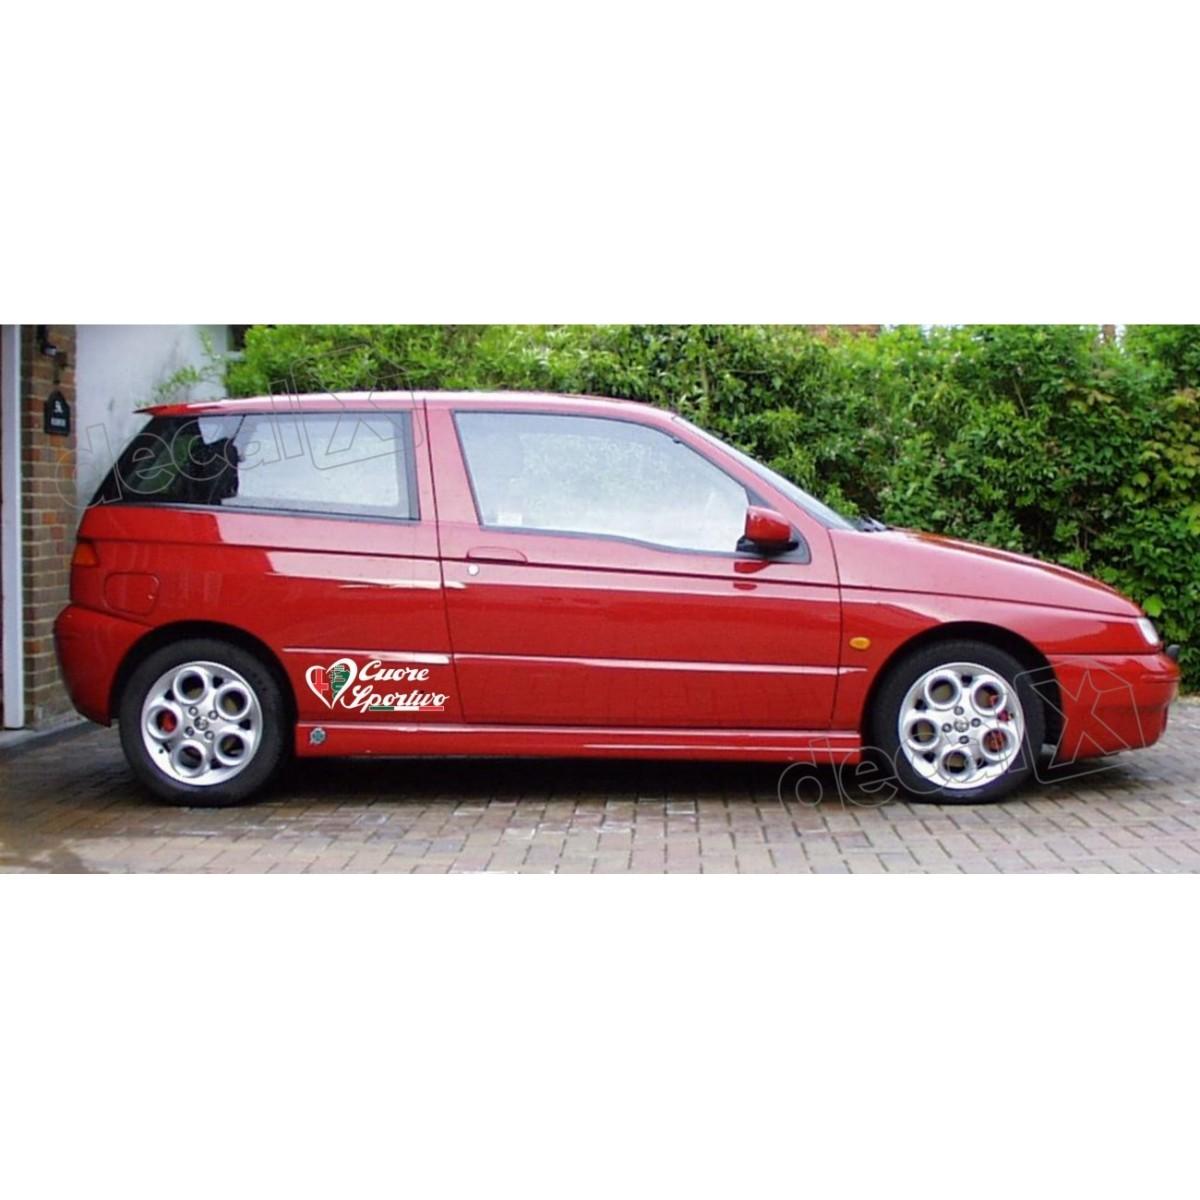 Adesivo Alfa Romeo Faixa Lateral 3m 1453